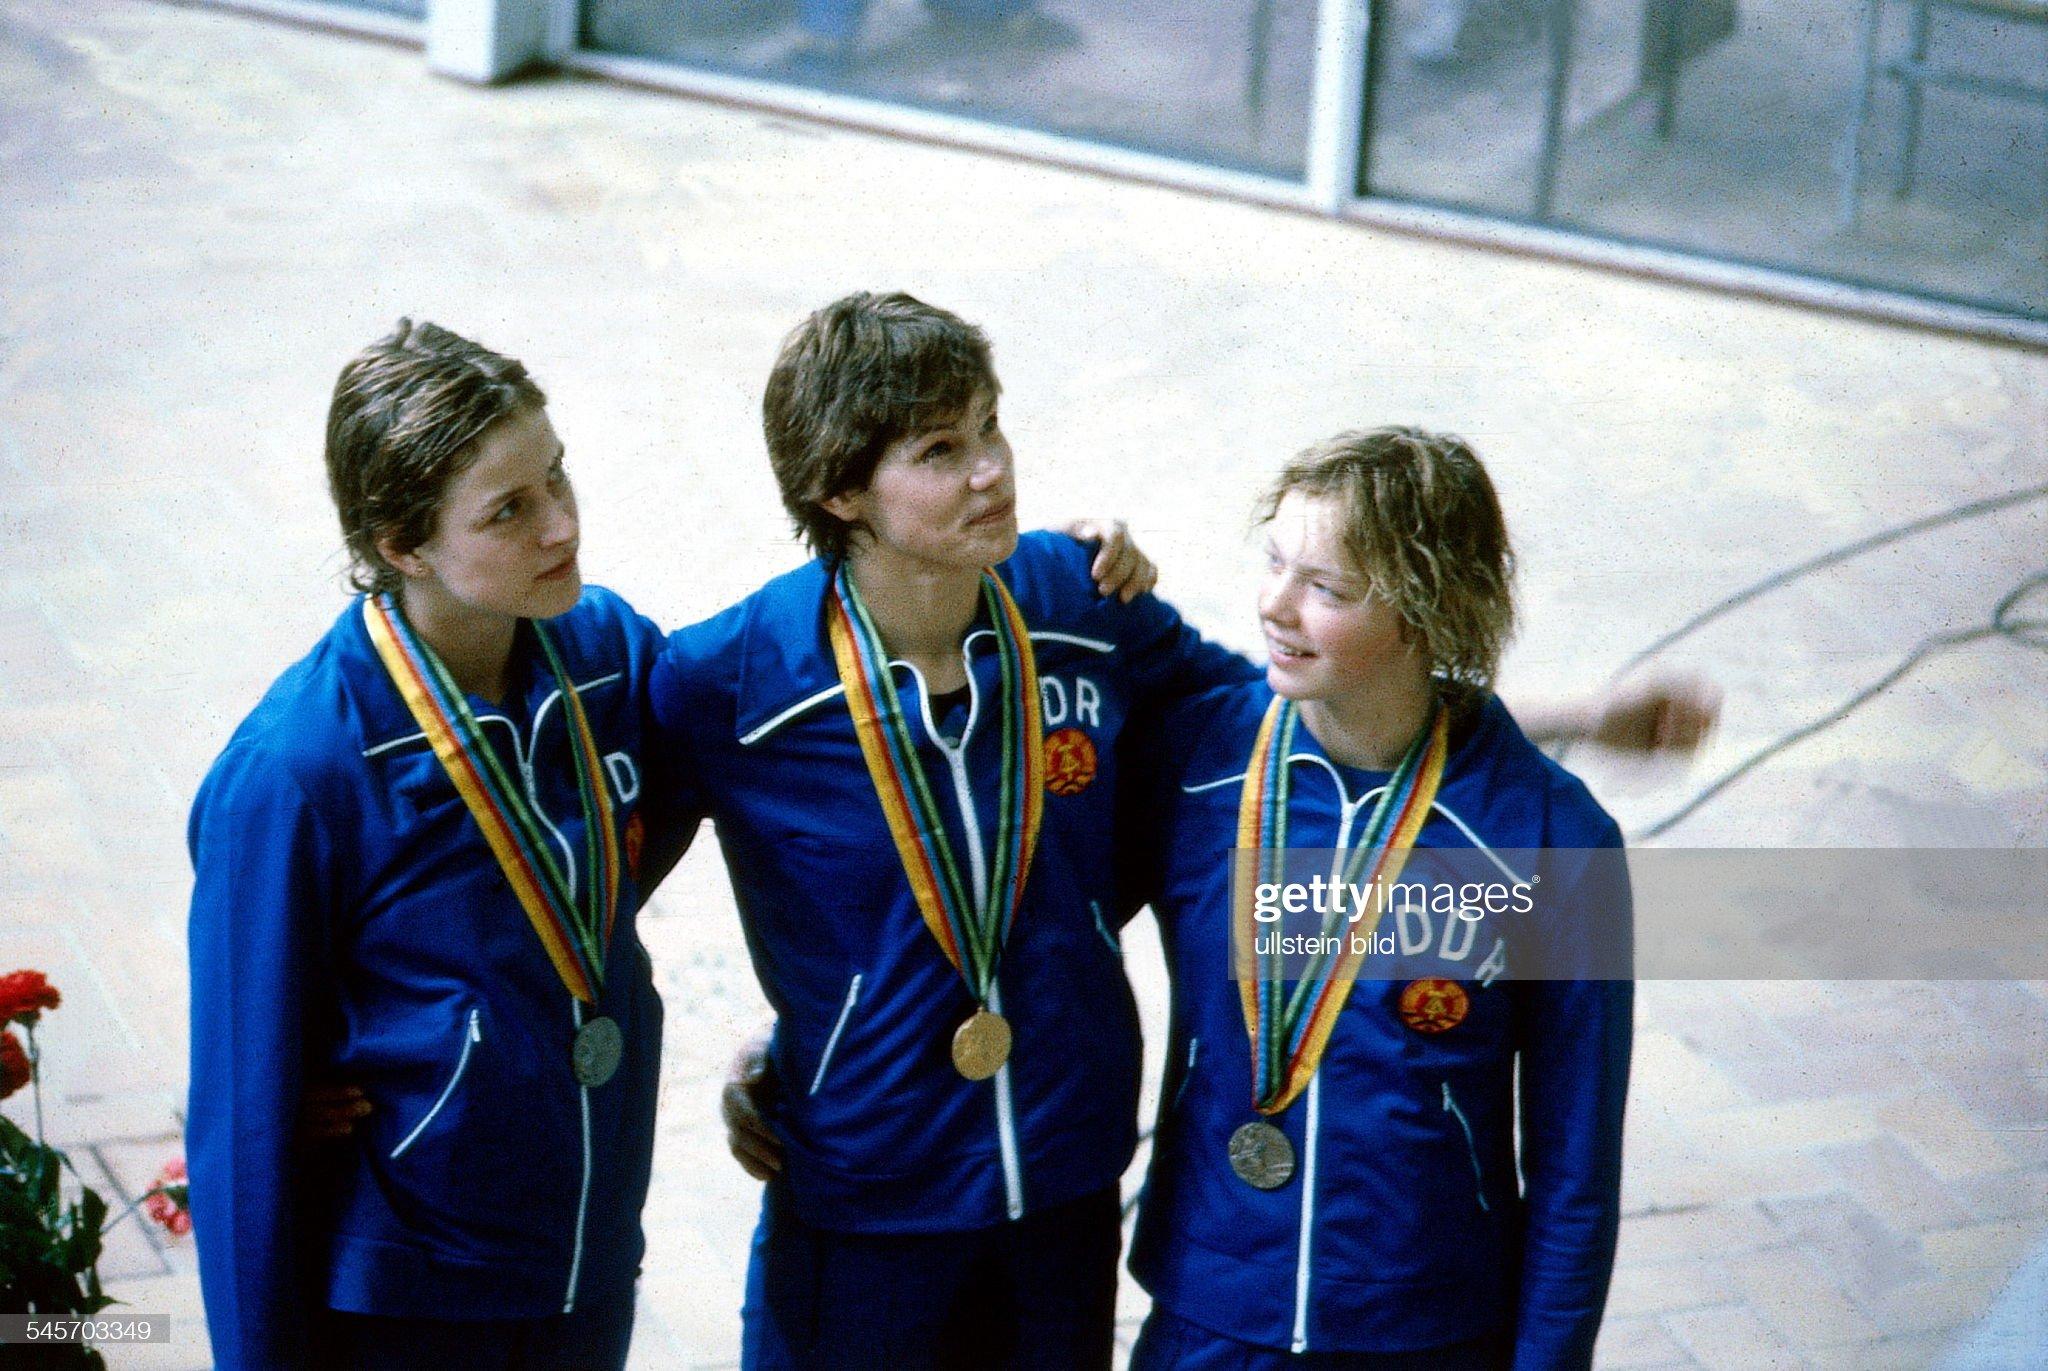 Oly 80 Moskau Schwimmen : Fotografía de noticias